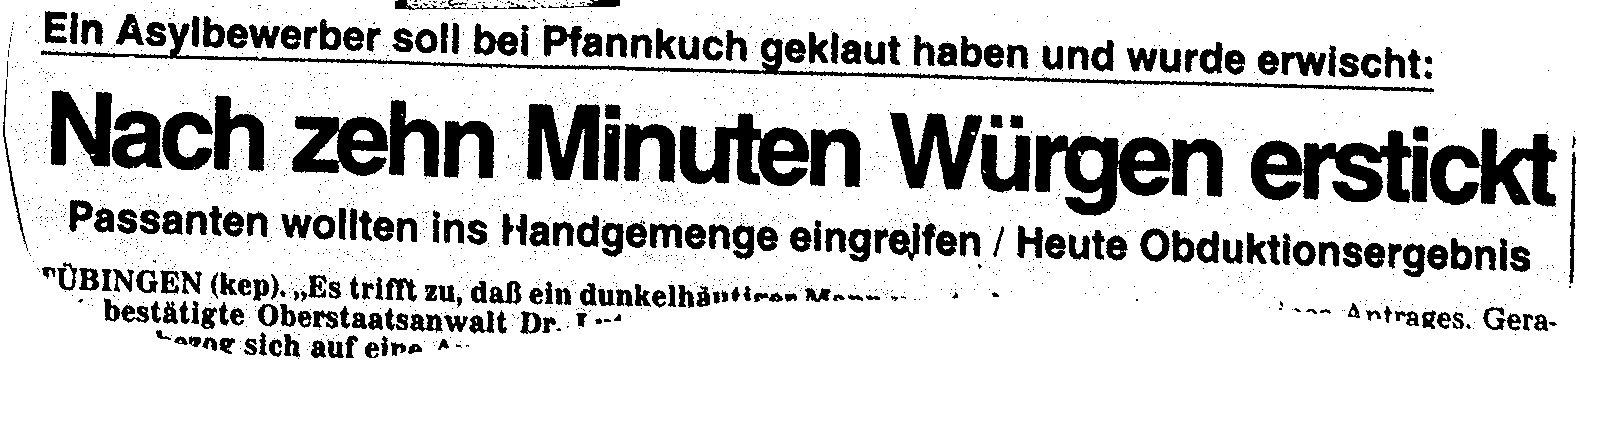 Screenshot Schwäbisches Tagblatt